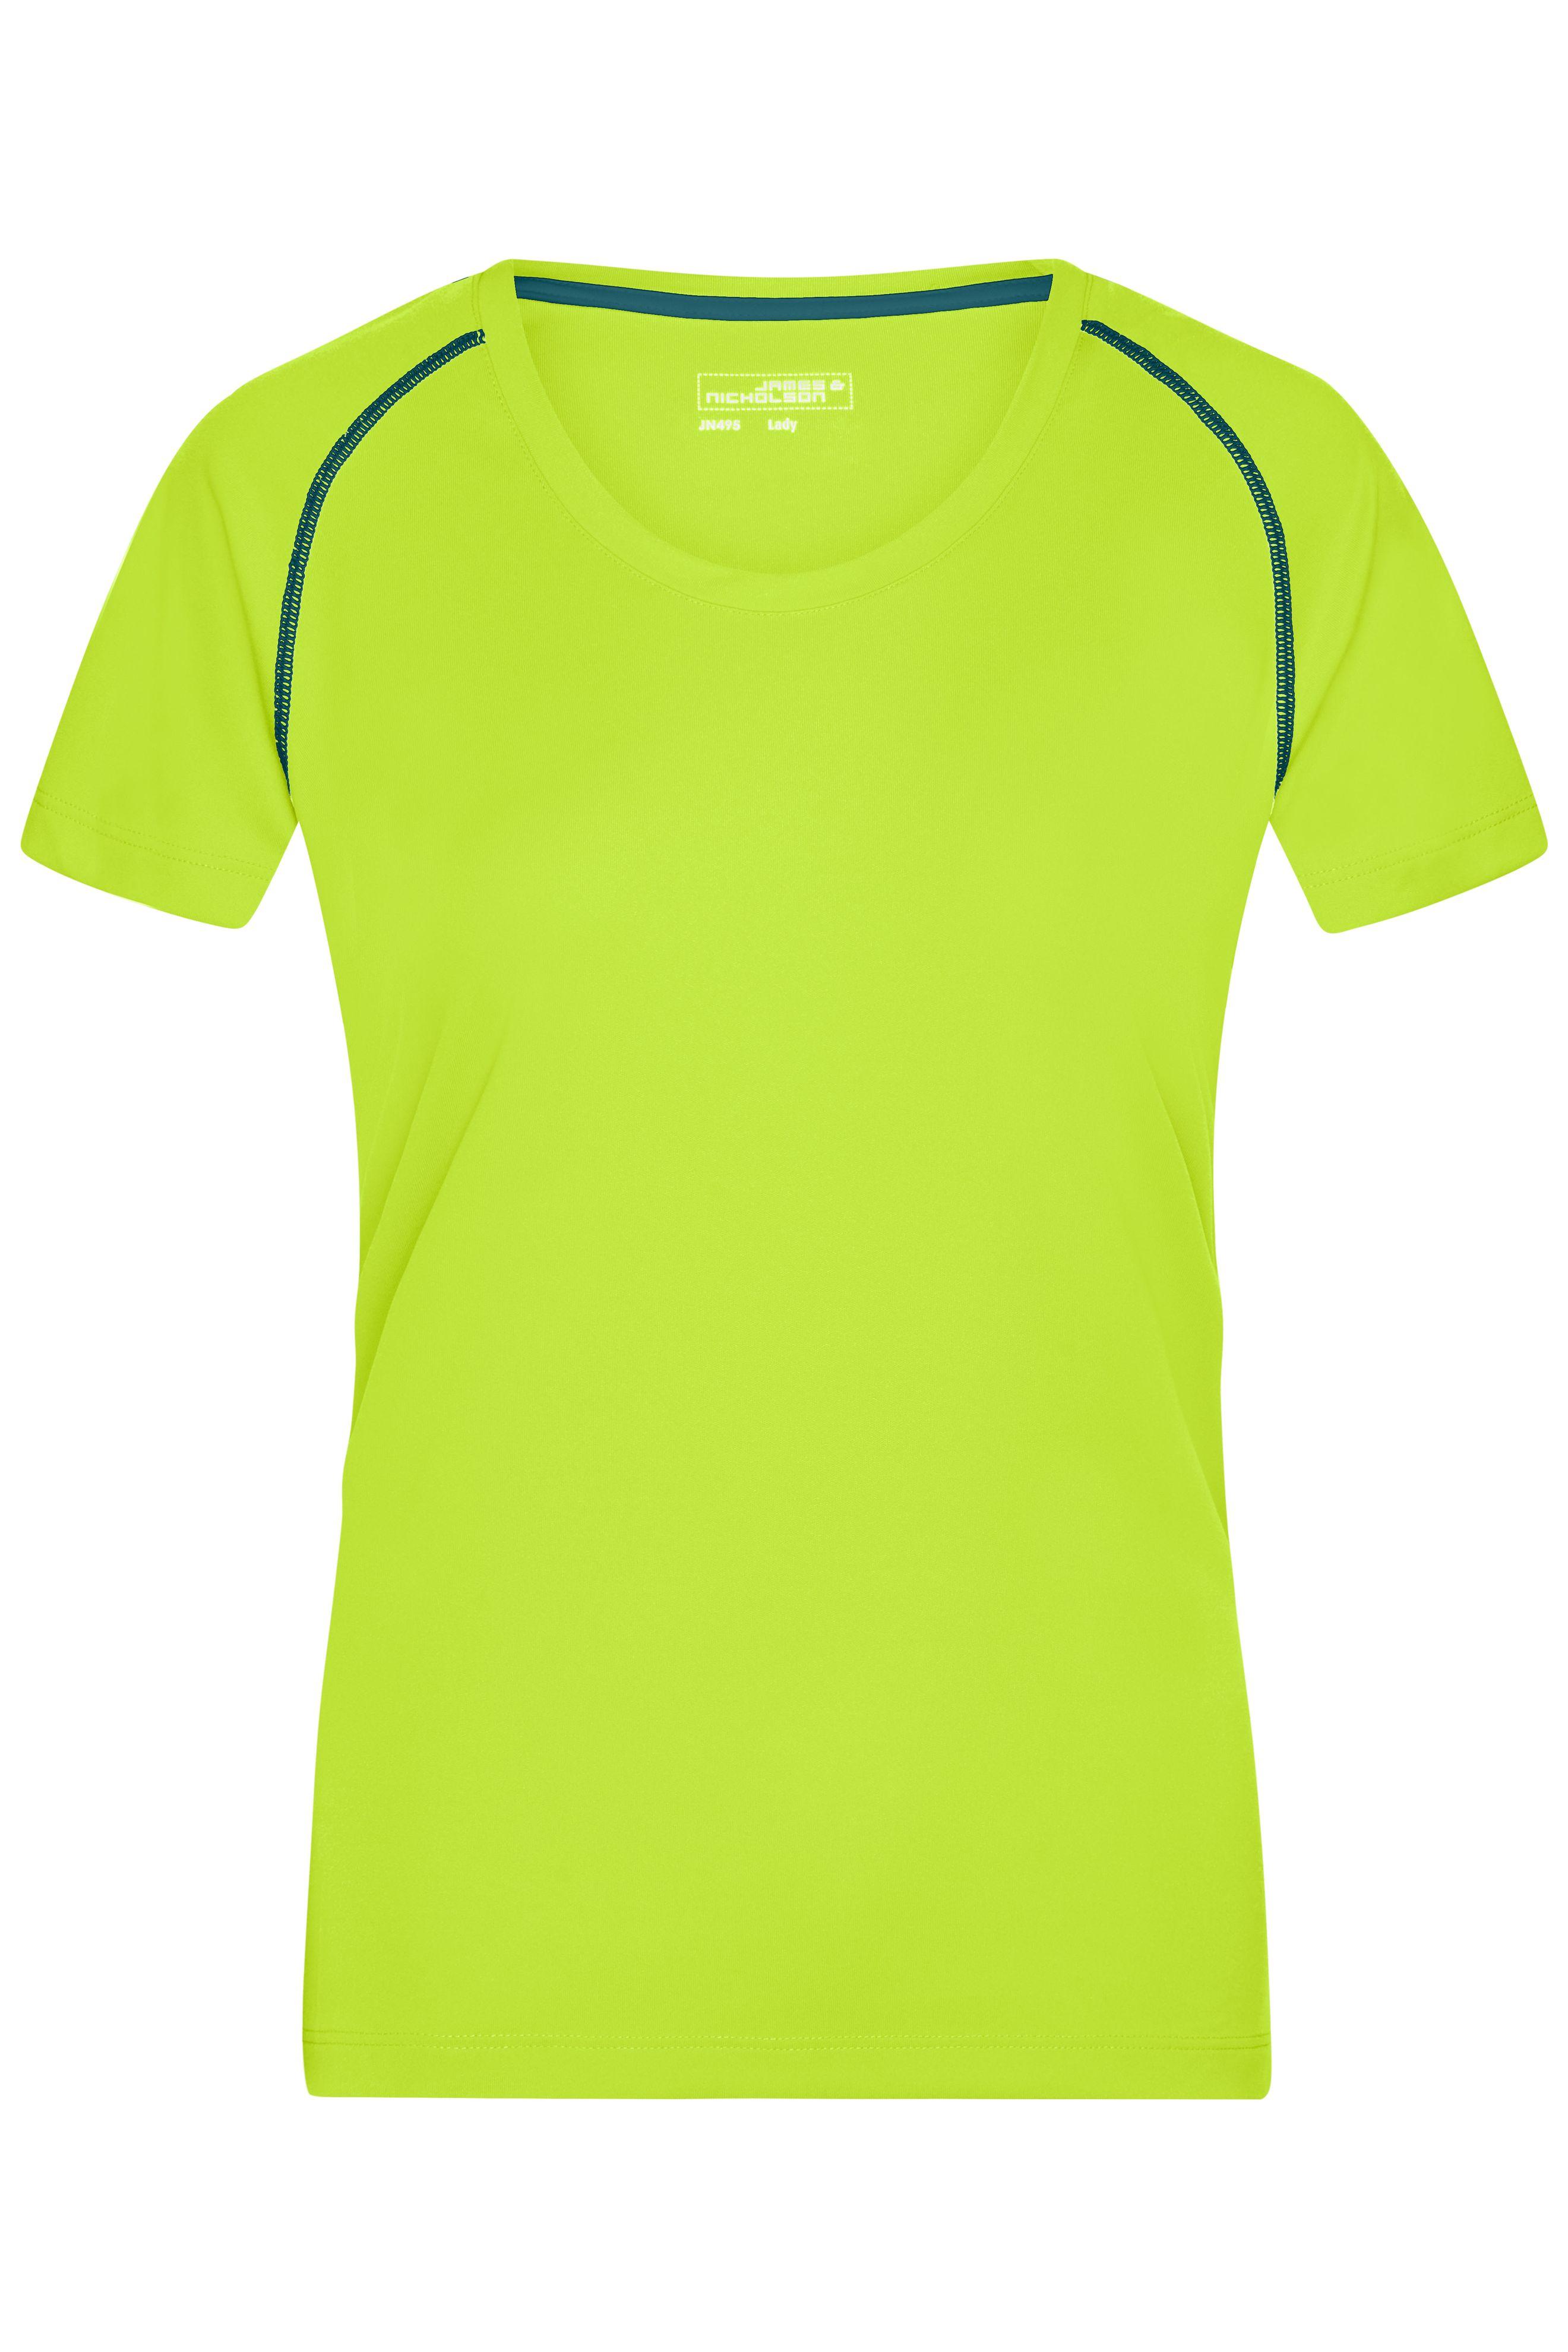 Funktions-Shirt für Fitness und Sport